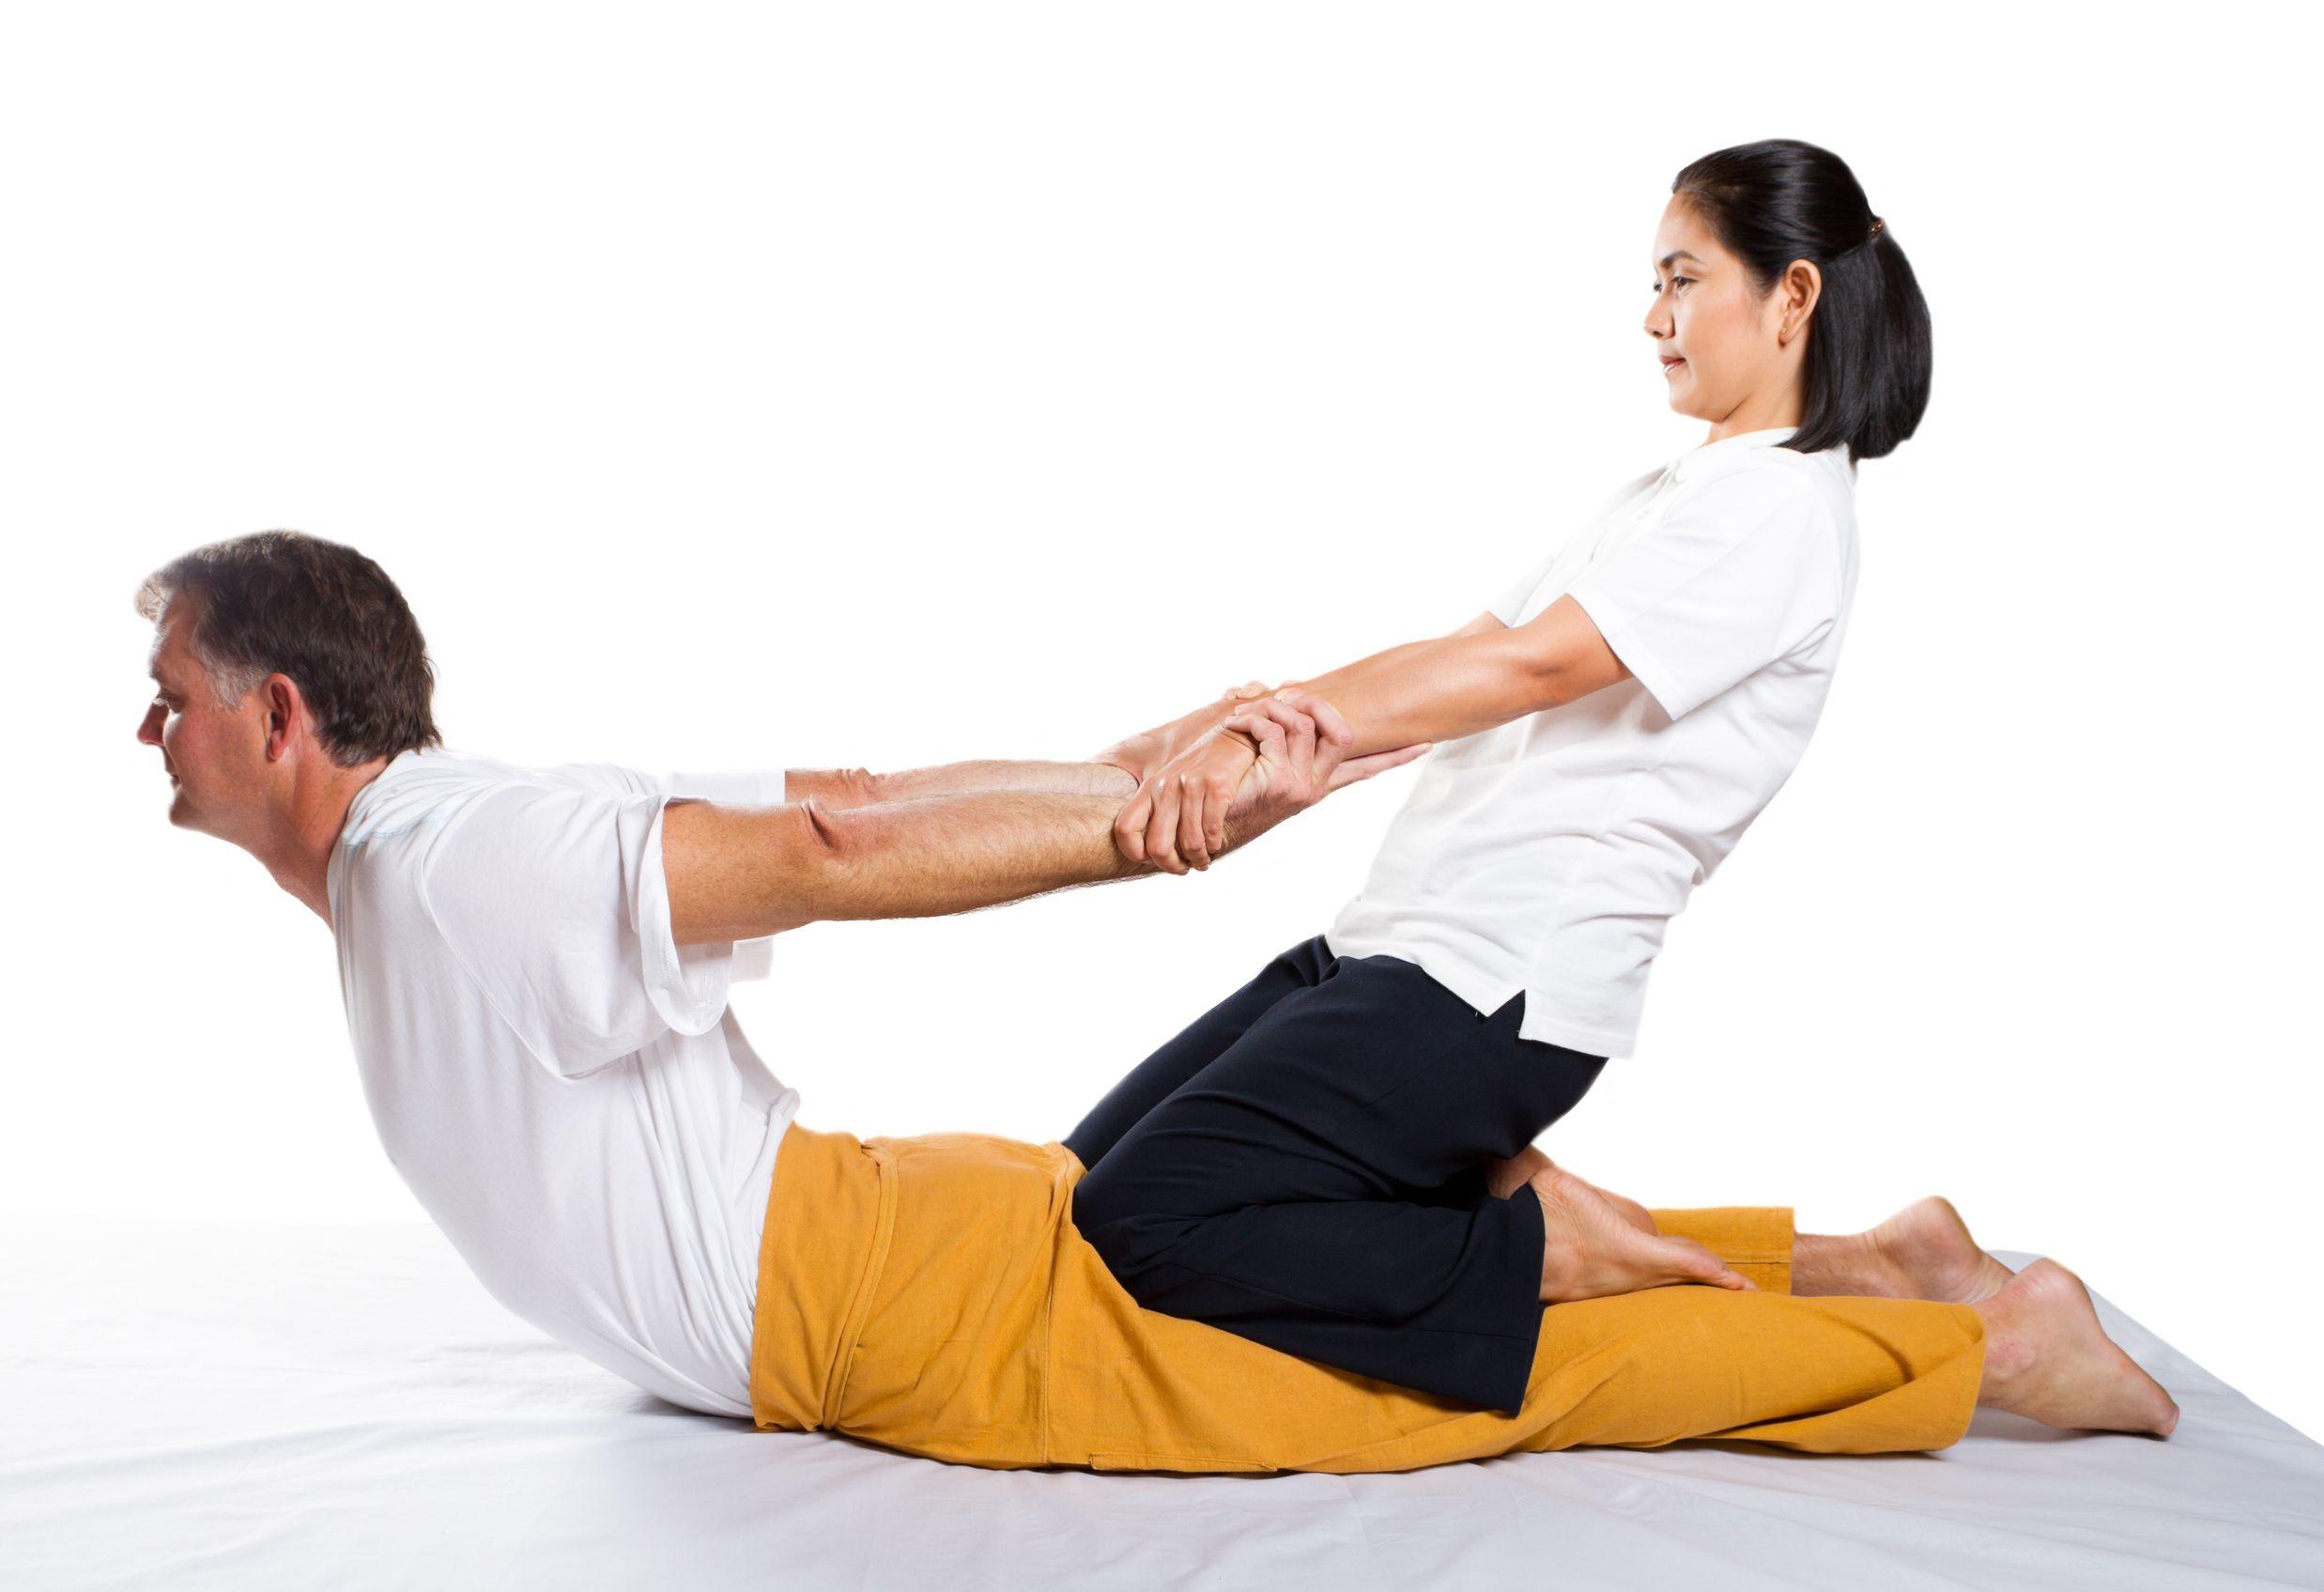 liderlig kone thai massage grindsted